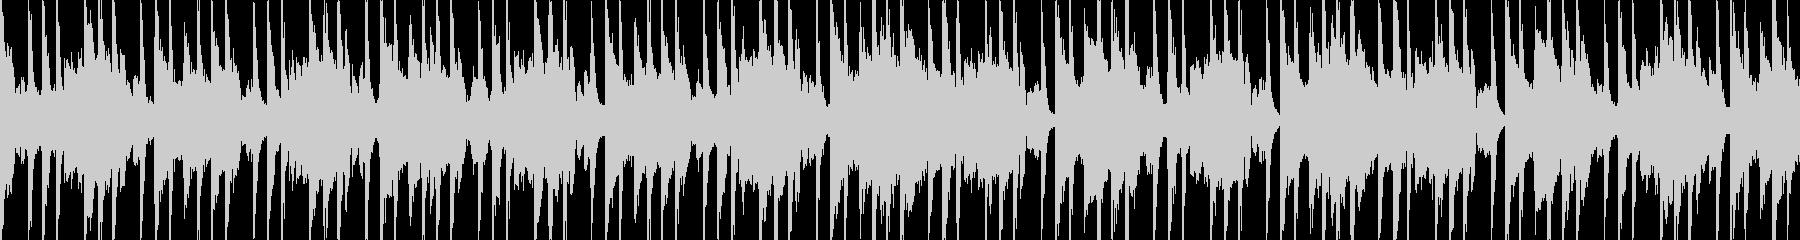 汎用BGM/爽やか(LOOP対応)の未再生の波形